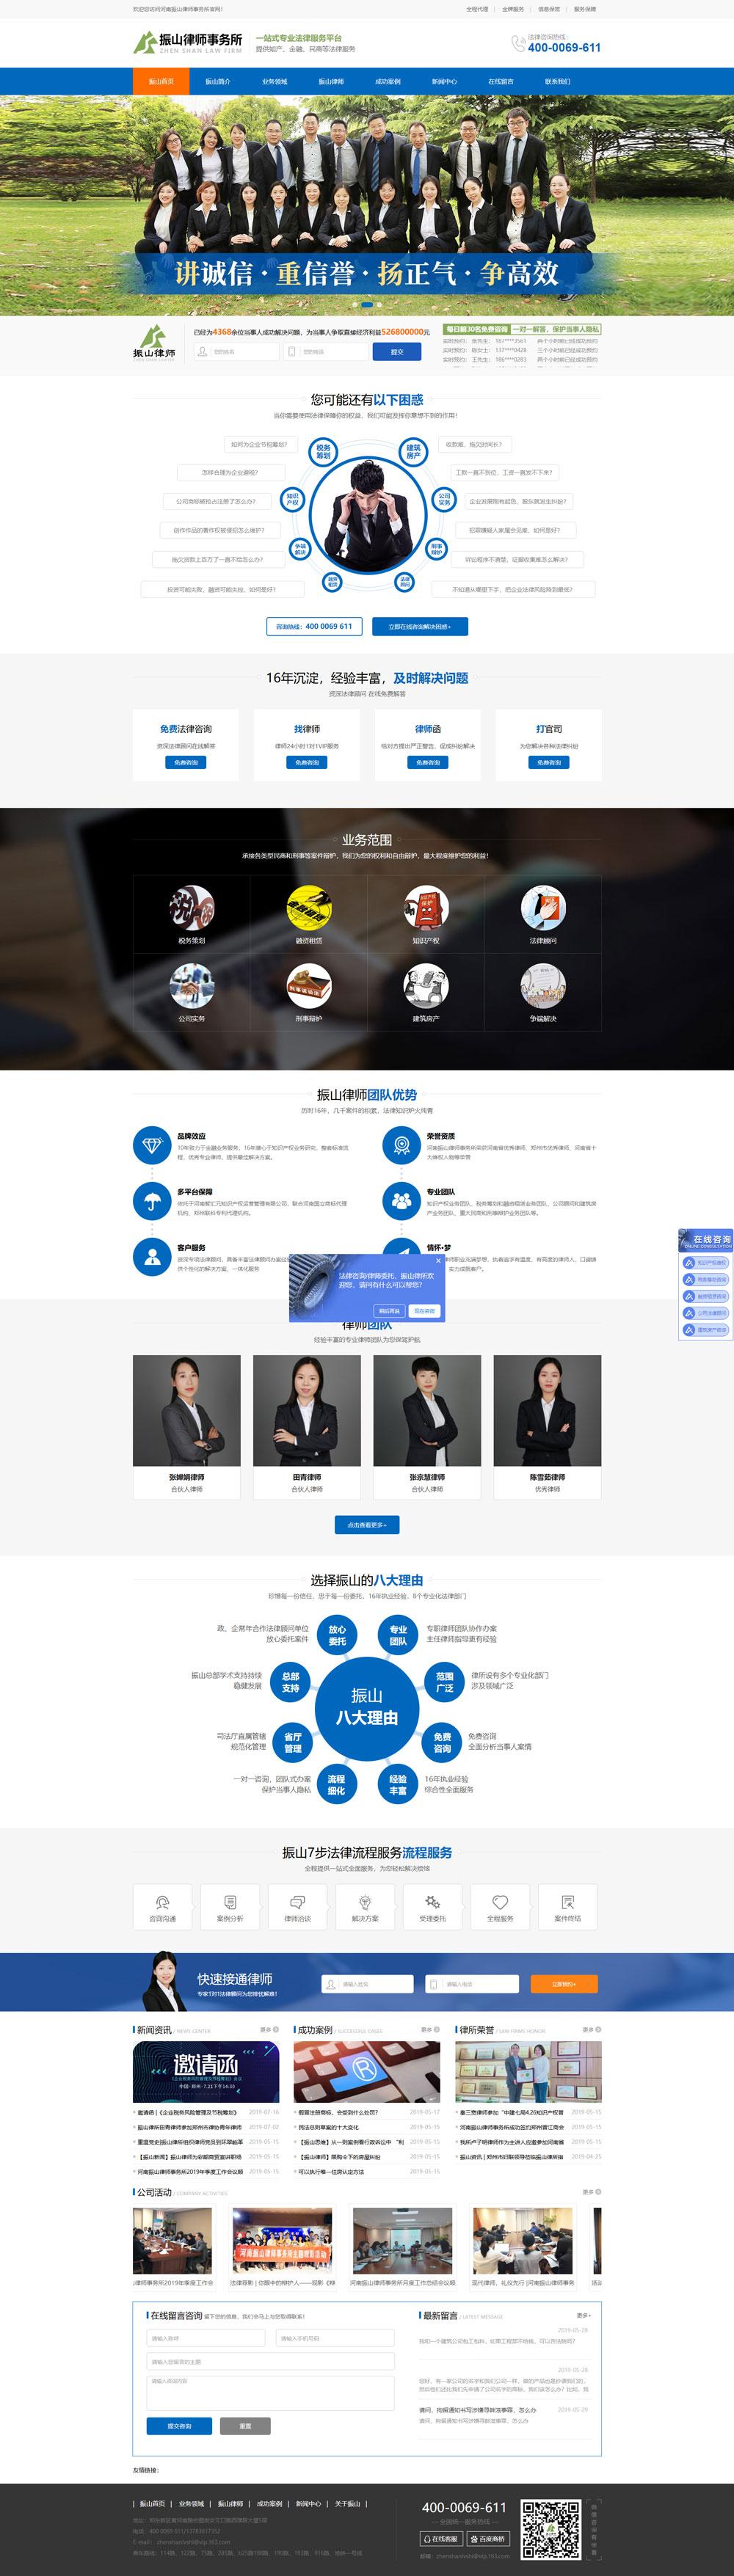 律师事务所网站pc页面展示